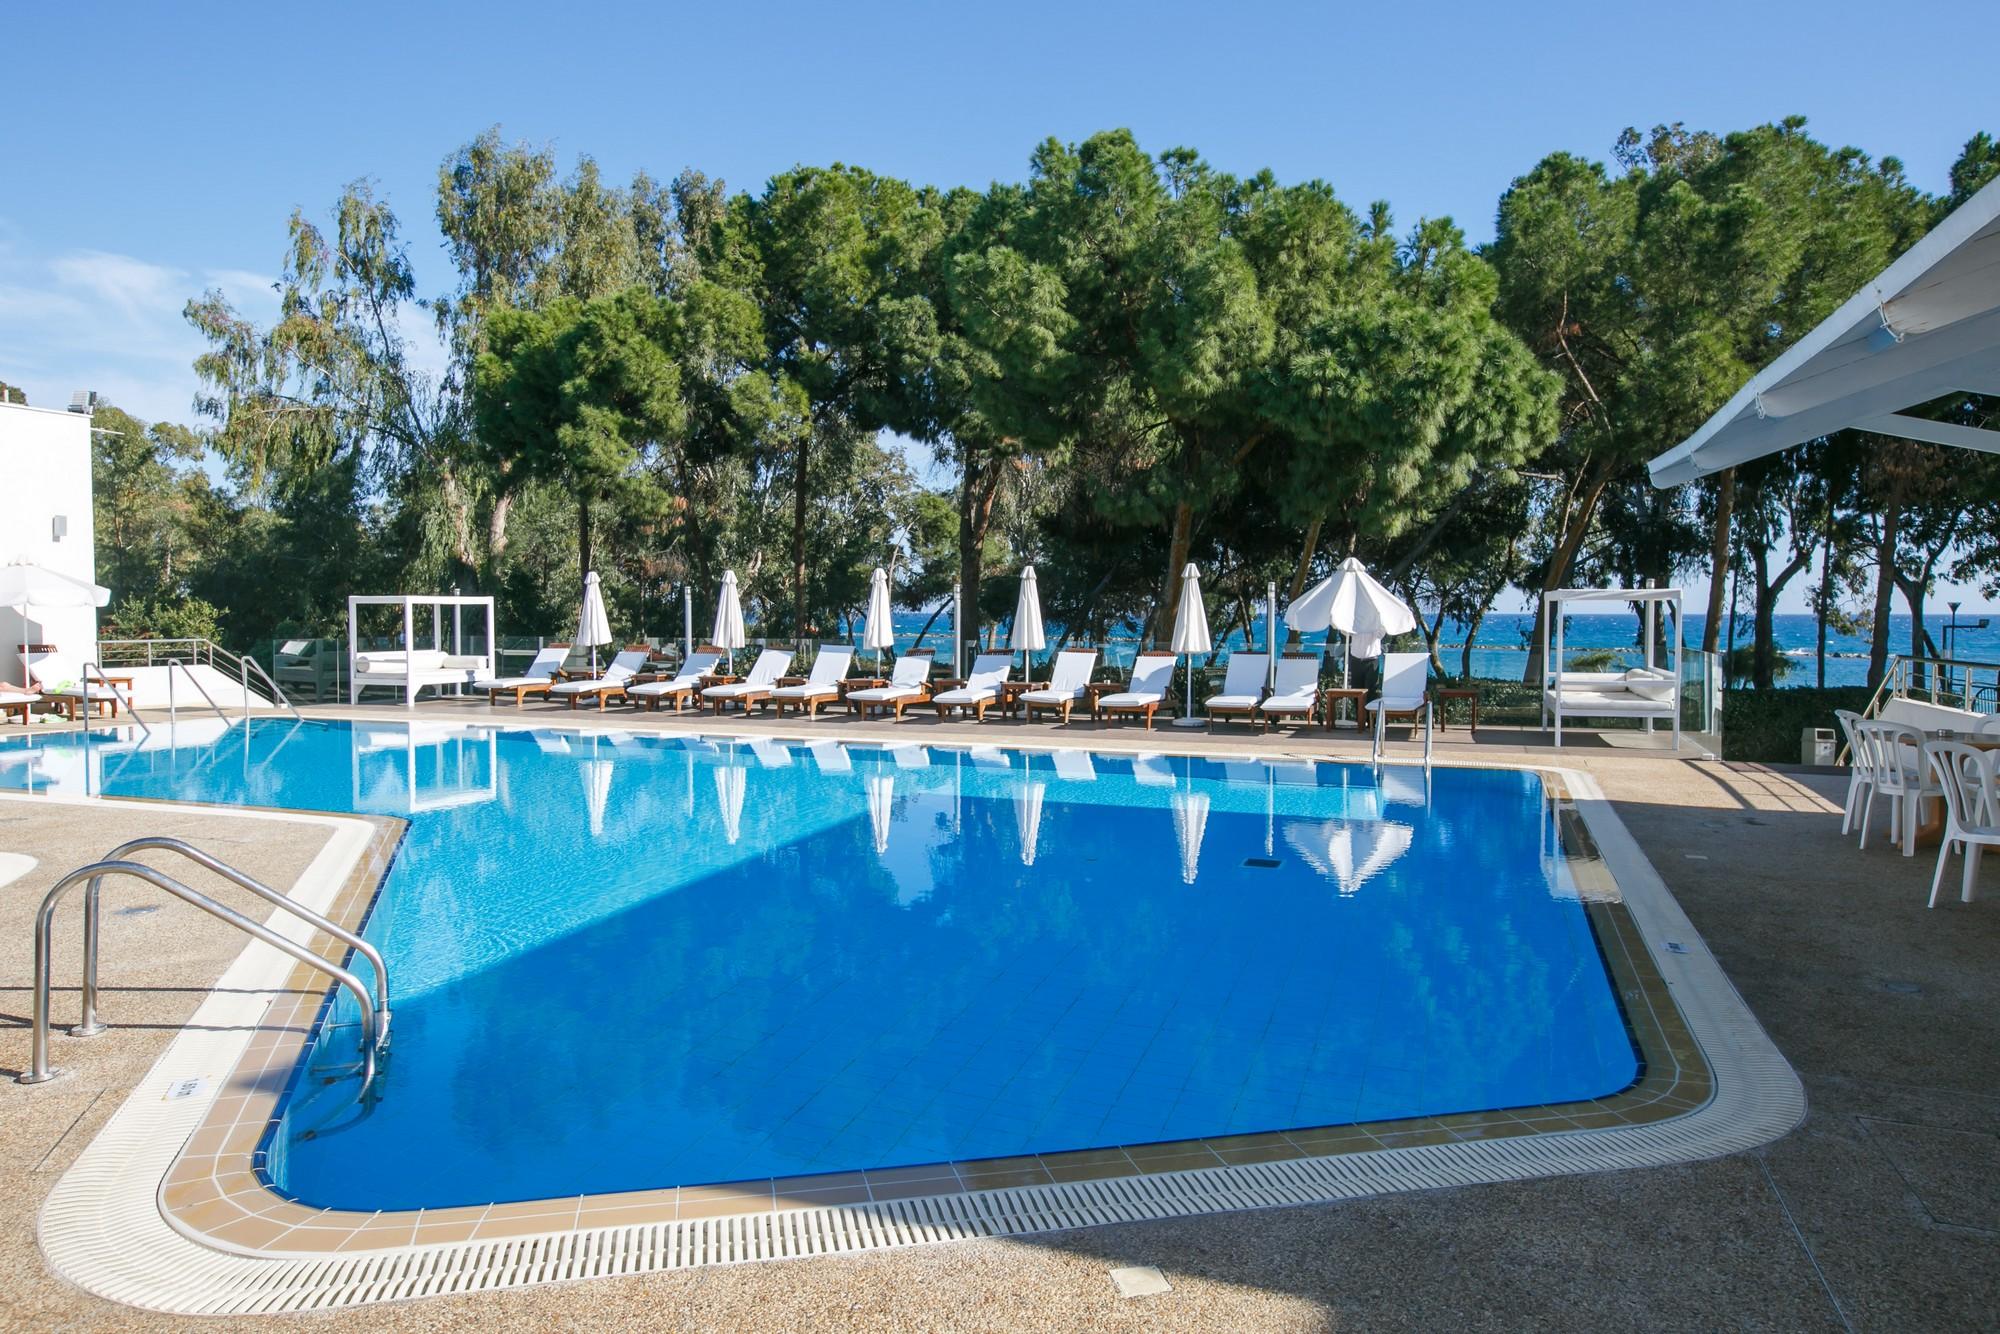 CYPR, Park Beach Hotel***, 7 dni (16-23.10.2017 r.), all inclusive: 2998,00 PLN/osoba